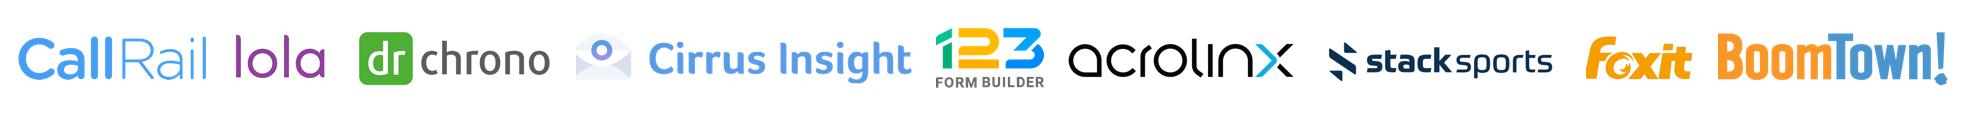 logo bar 2